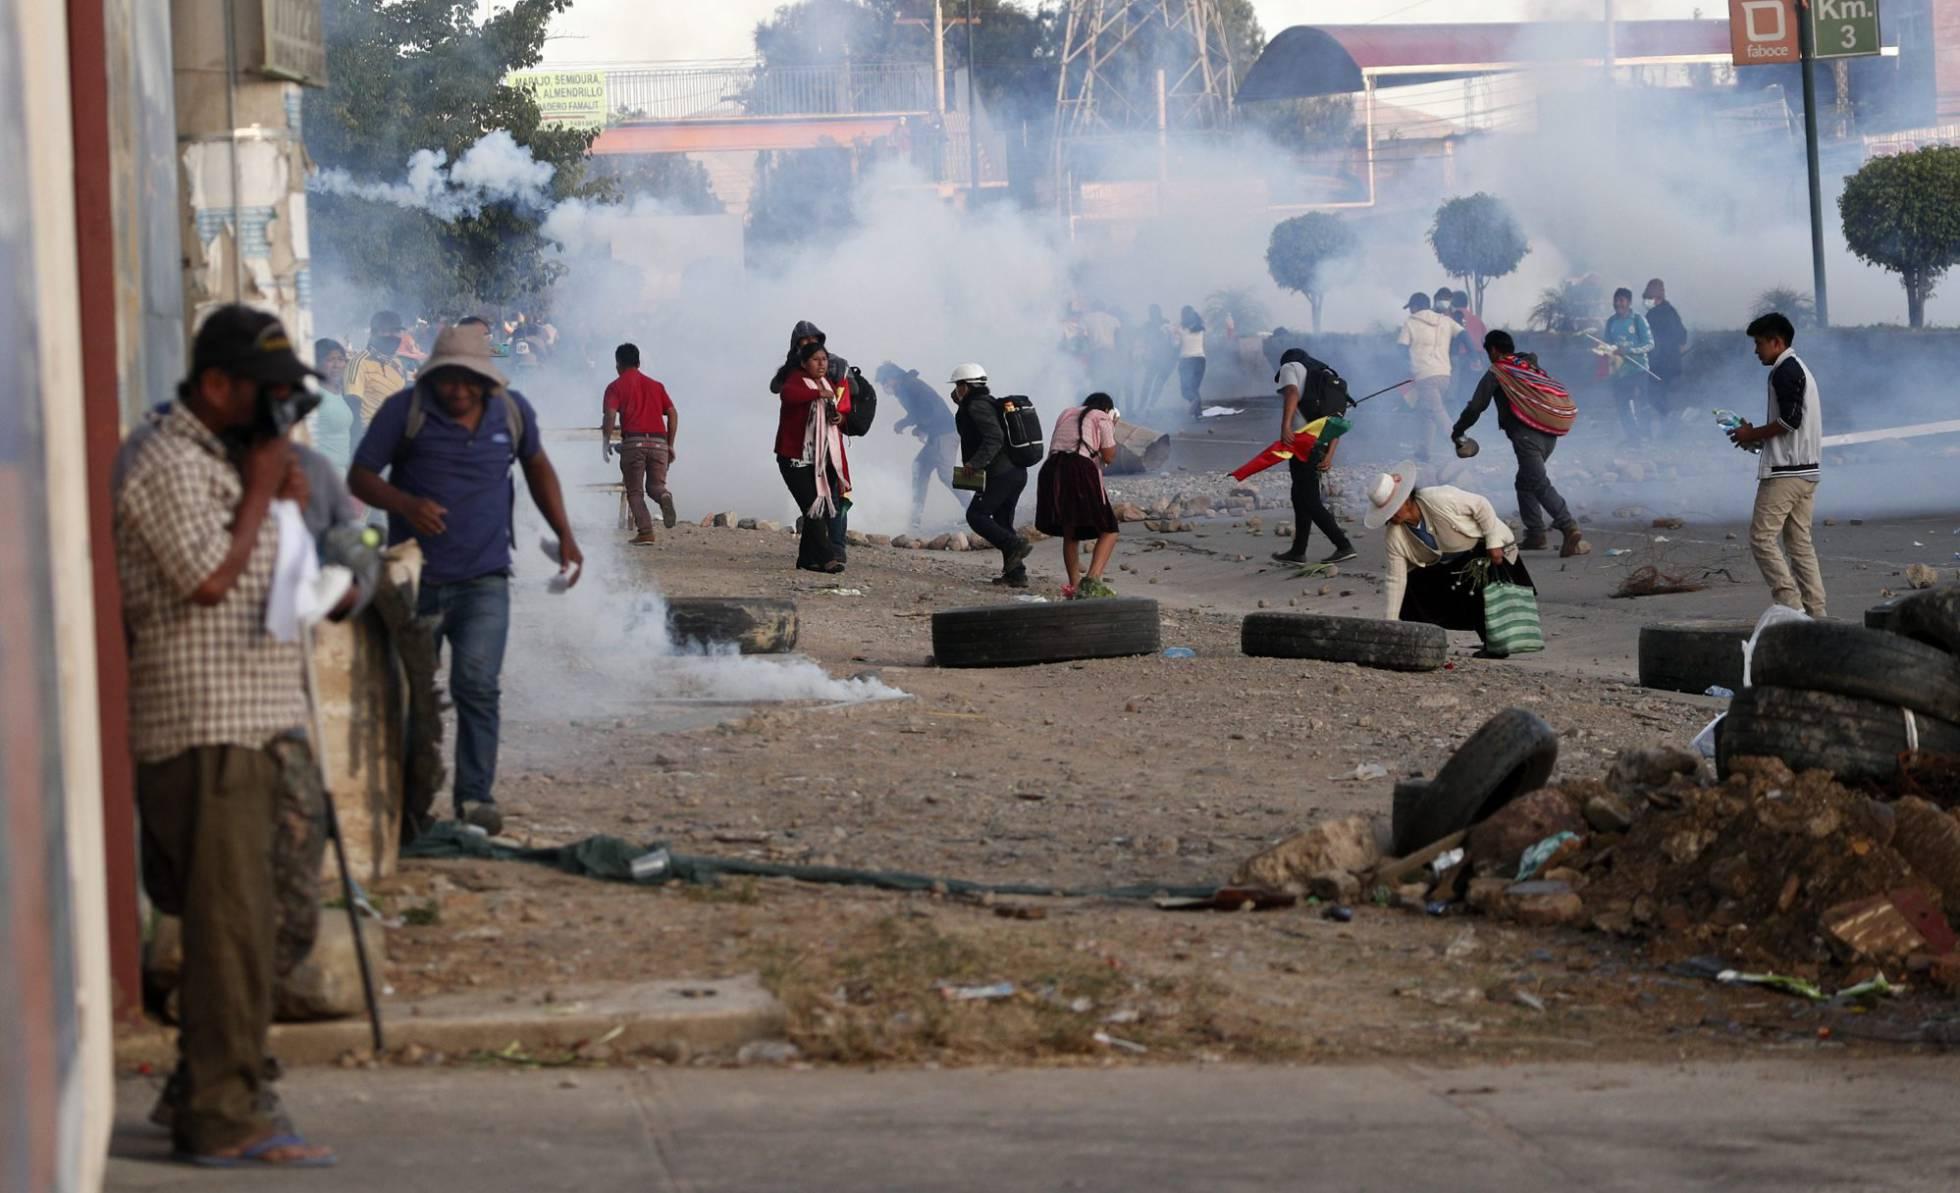 La autoproclamada presidenta Jeanine Añez emitió un decreto que exime a los militares de responsabilidades penales durante la represión